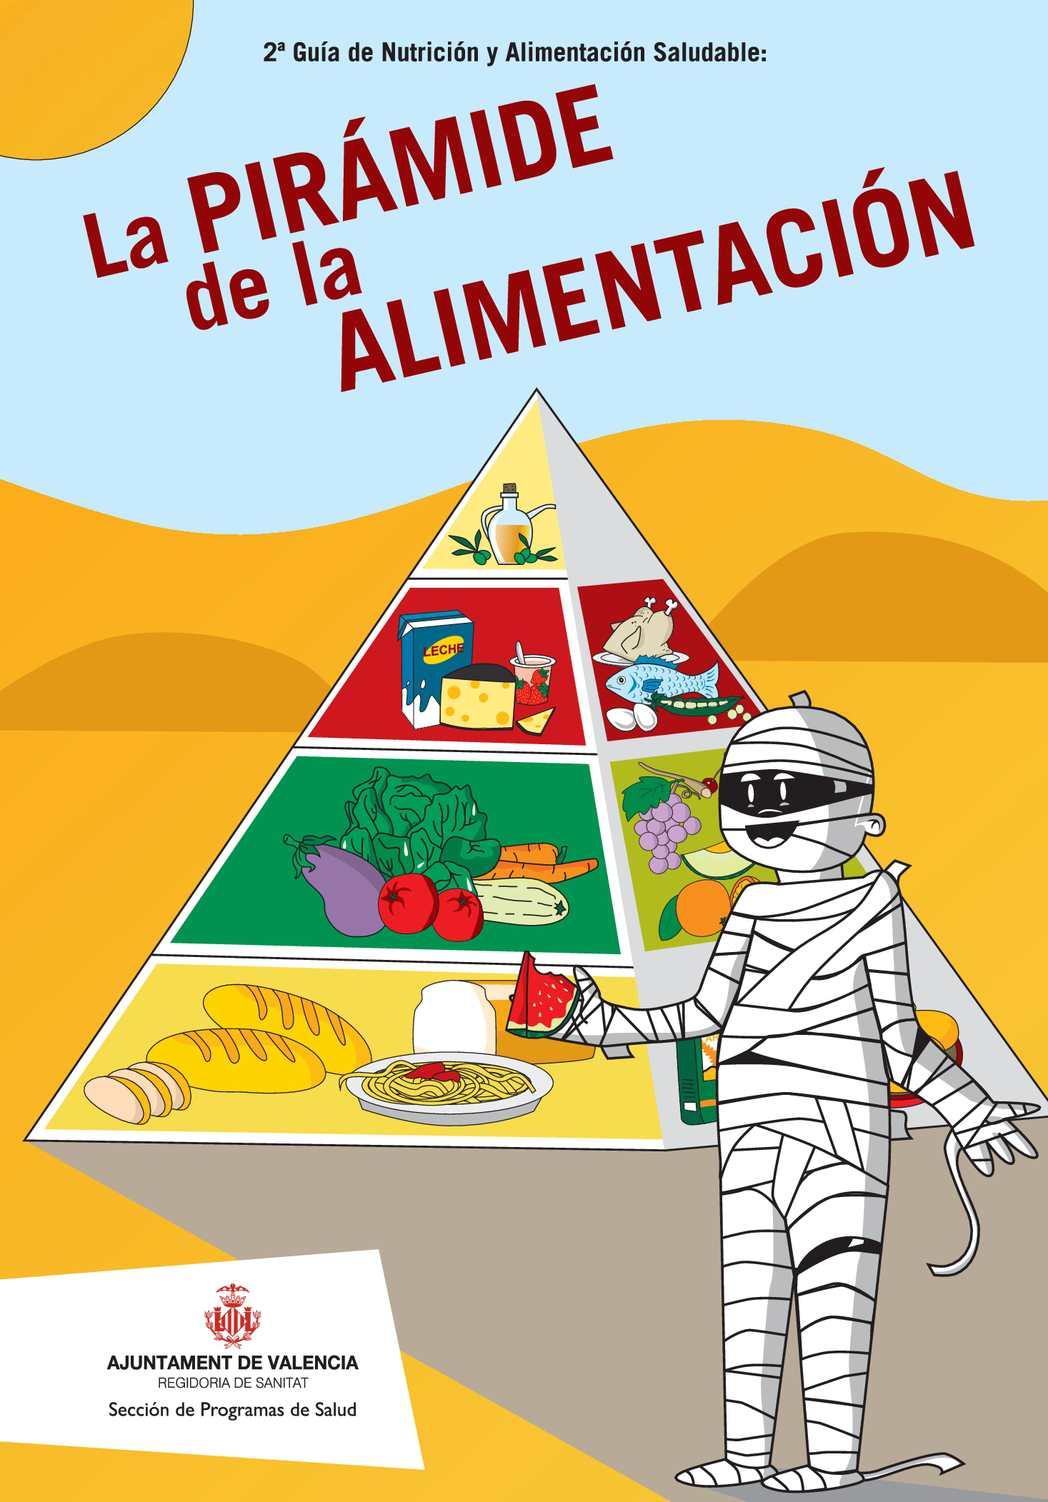 Calam o pir mide de alimentos primaria - Piramide de la alimentacion saludable ...